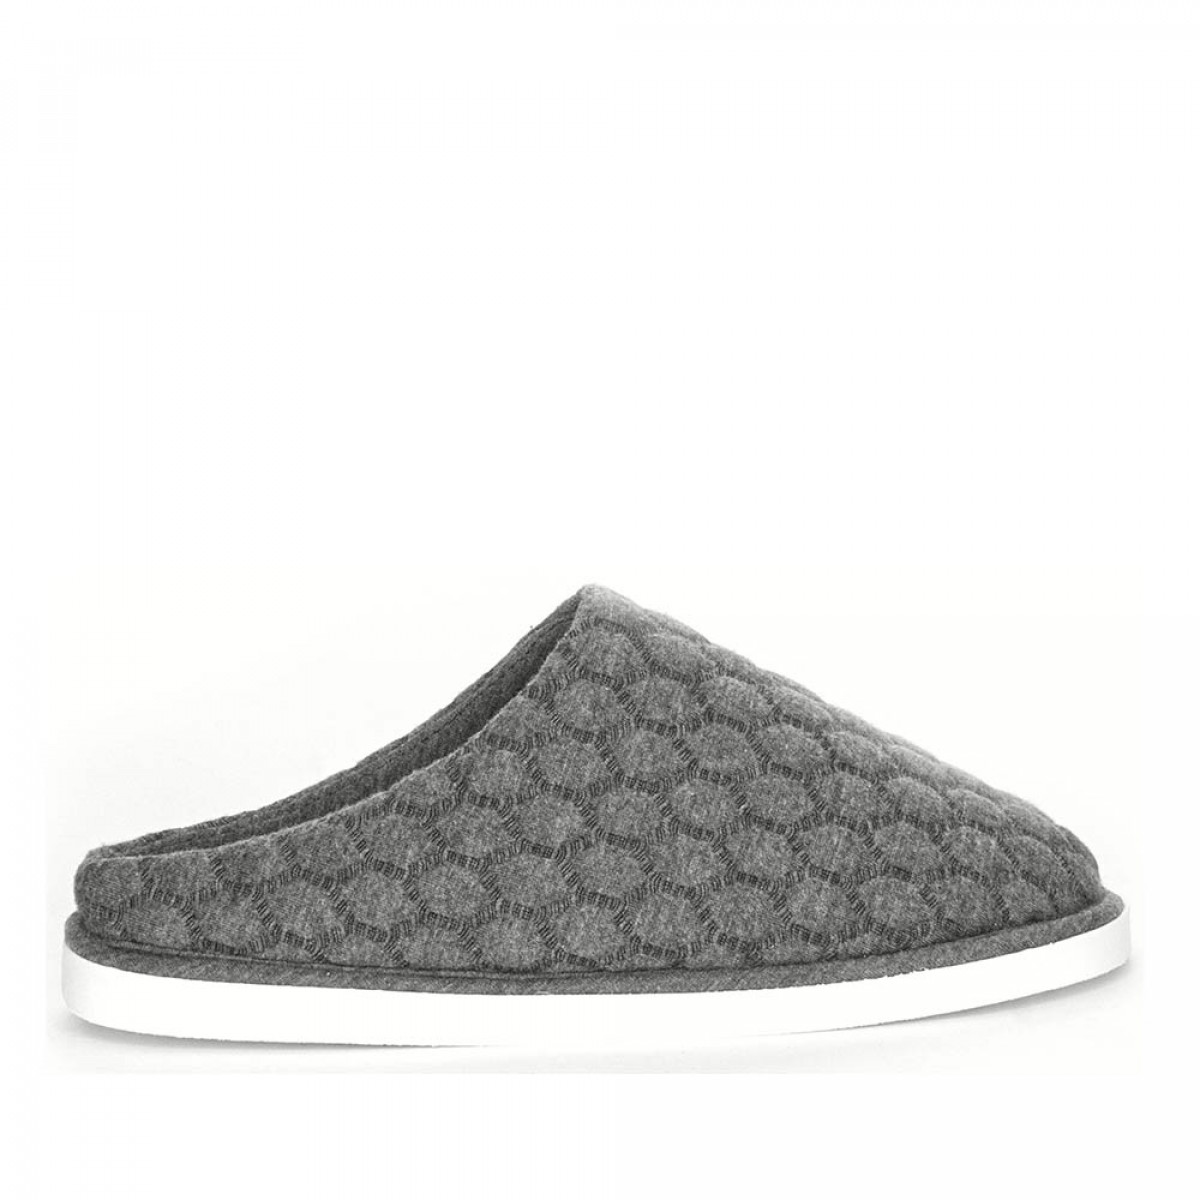 Men's Home slippers FAMILY, Gray